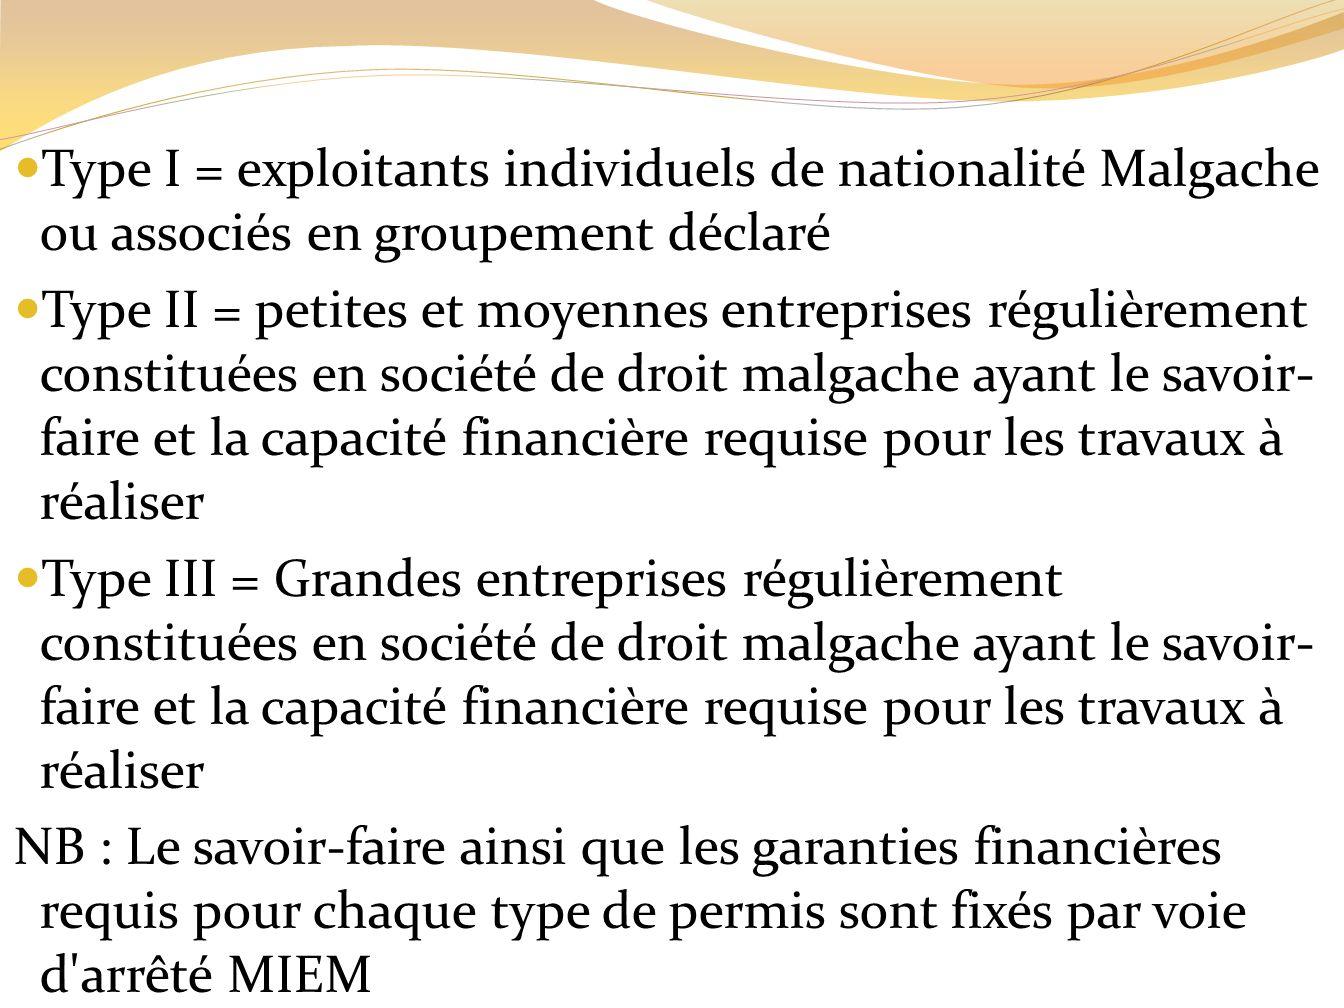 Type I = exploitants individuels de nationalité Malgache ou associés en groupement déclaré Type II = petites et moyennes entreprises régulièrement con